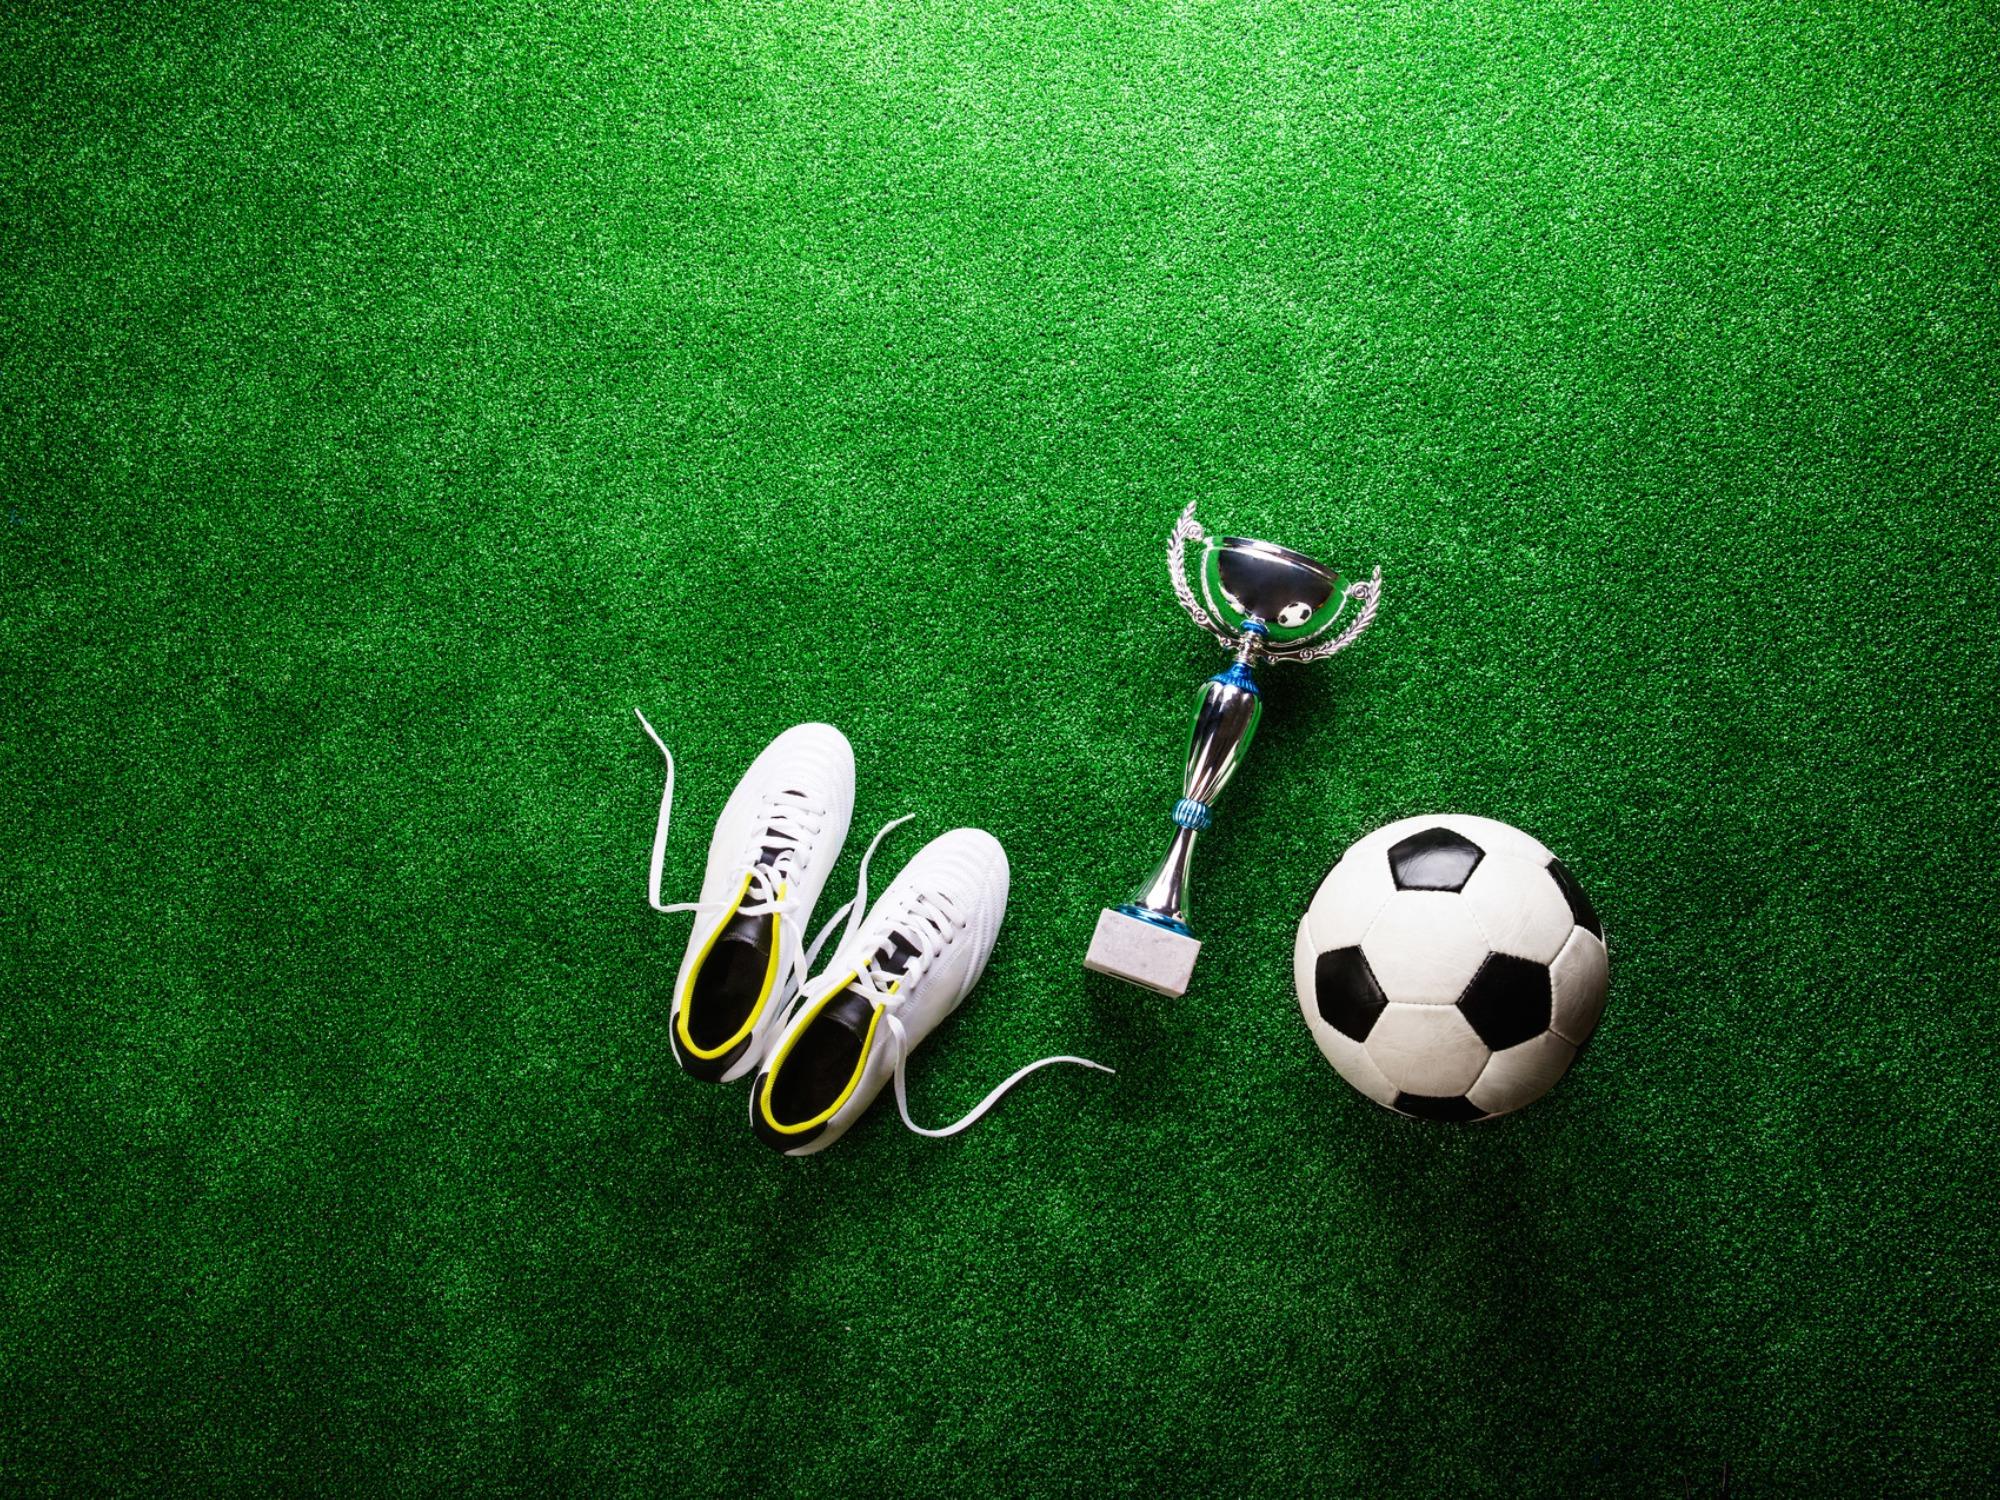 スパイクとトロフィーとサッカーボール